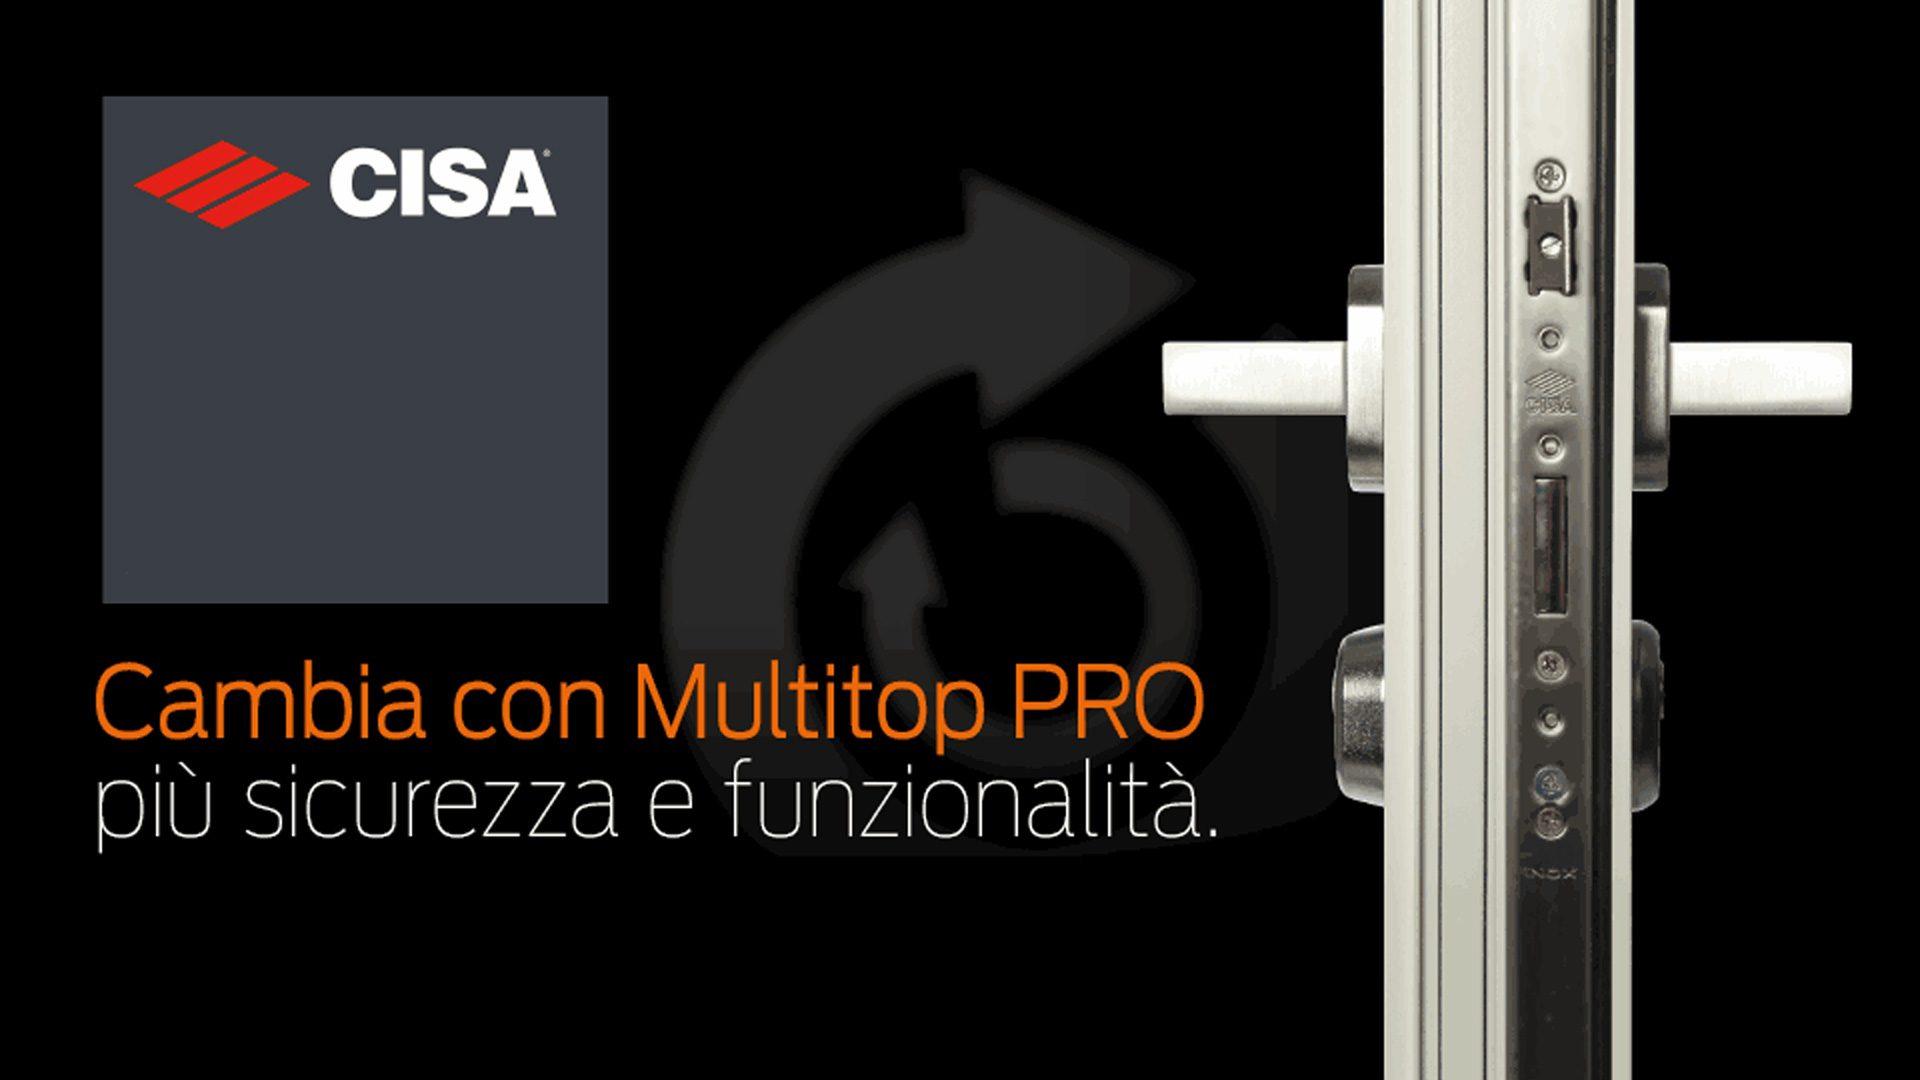 Multitop Pro Cisa. La serratura creata per resistere